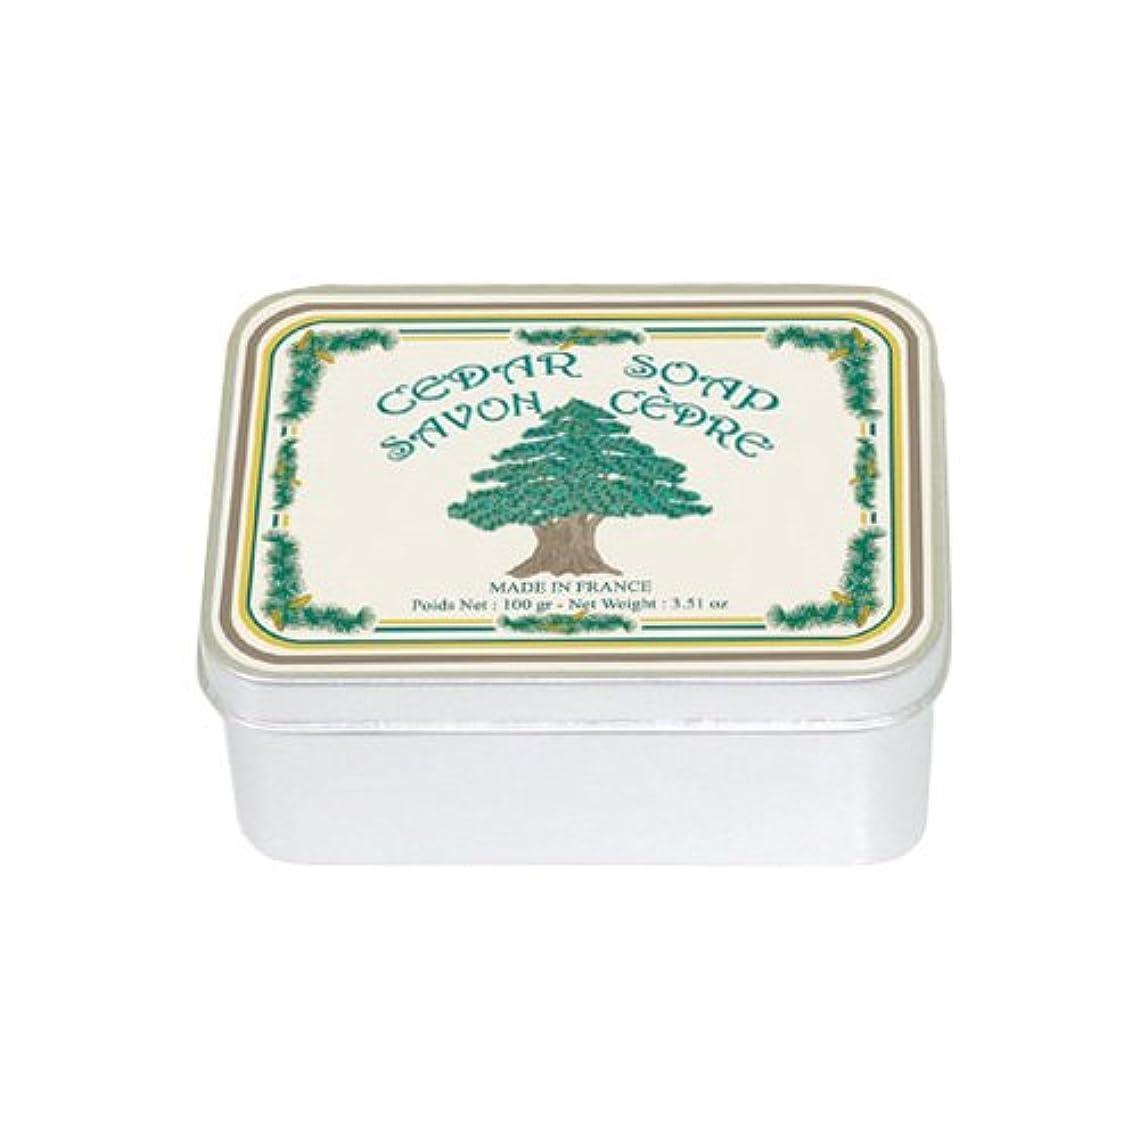 でるアンソロジー分解するルブランソープ メタルボックス(シダーウッドの香り)石鹸